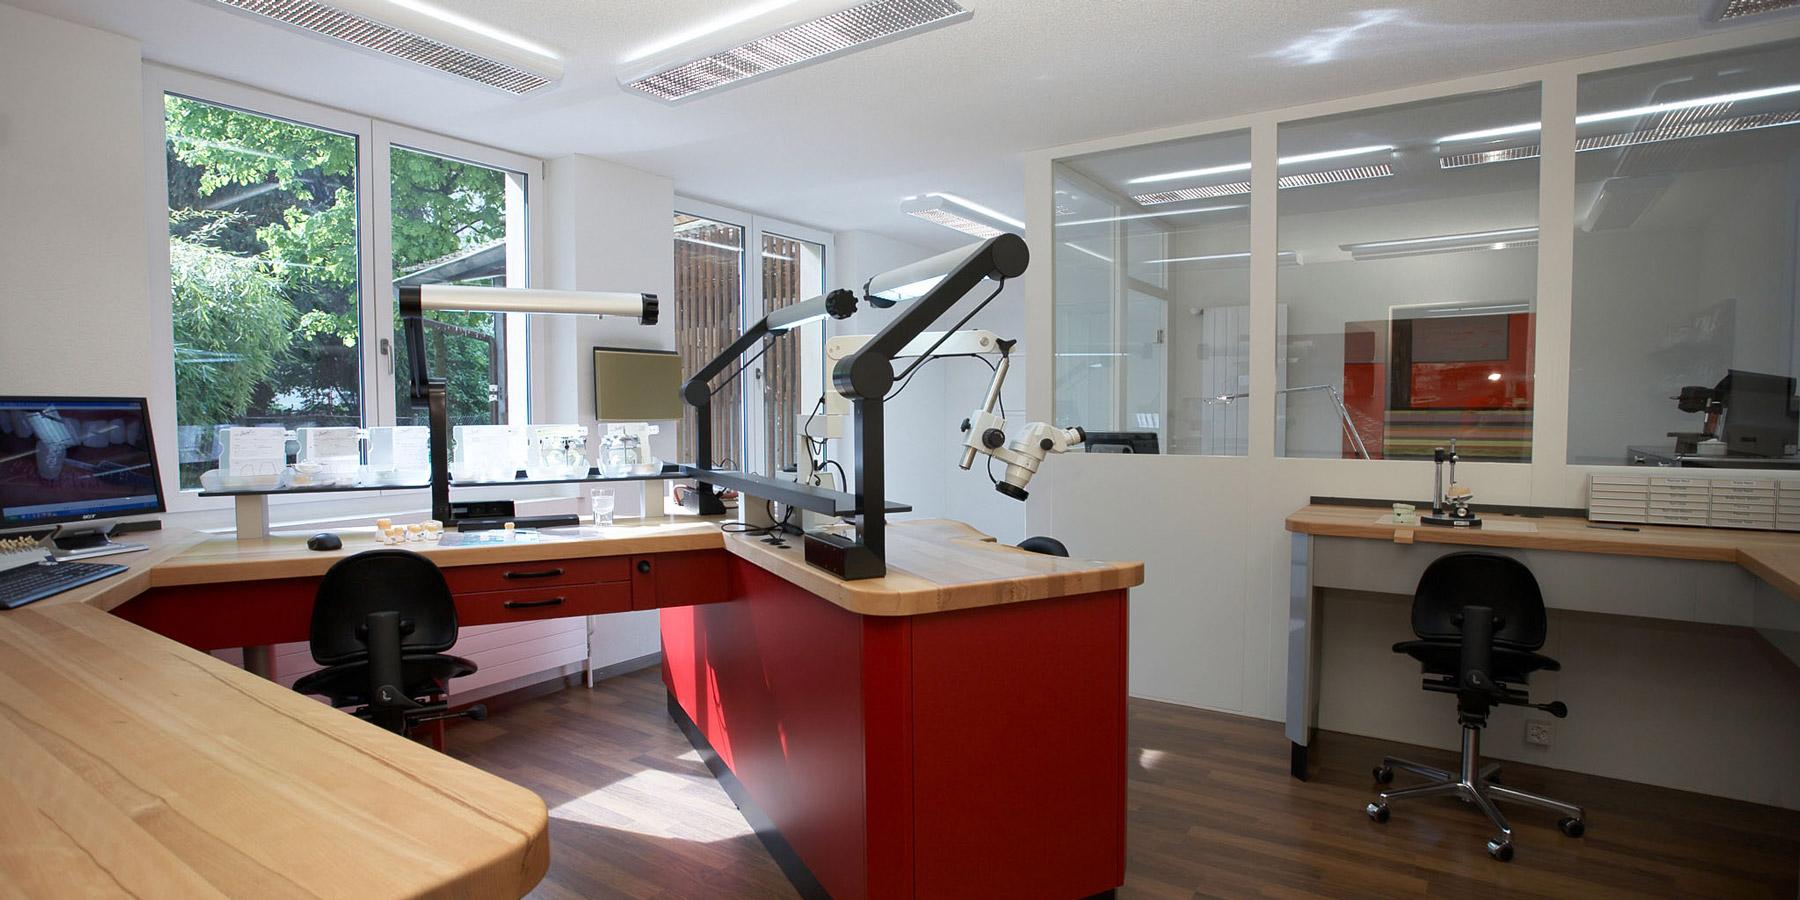 Foto Rohrer Dental-Labor Unternehmen